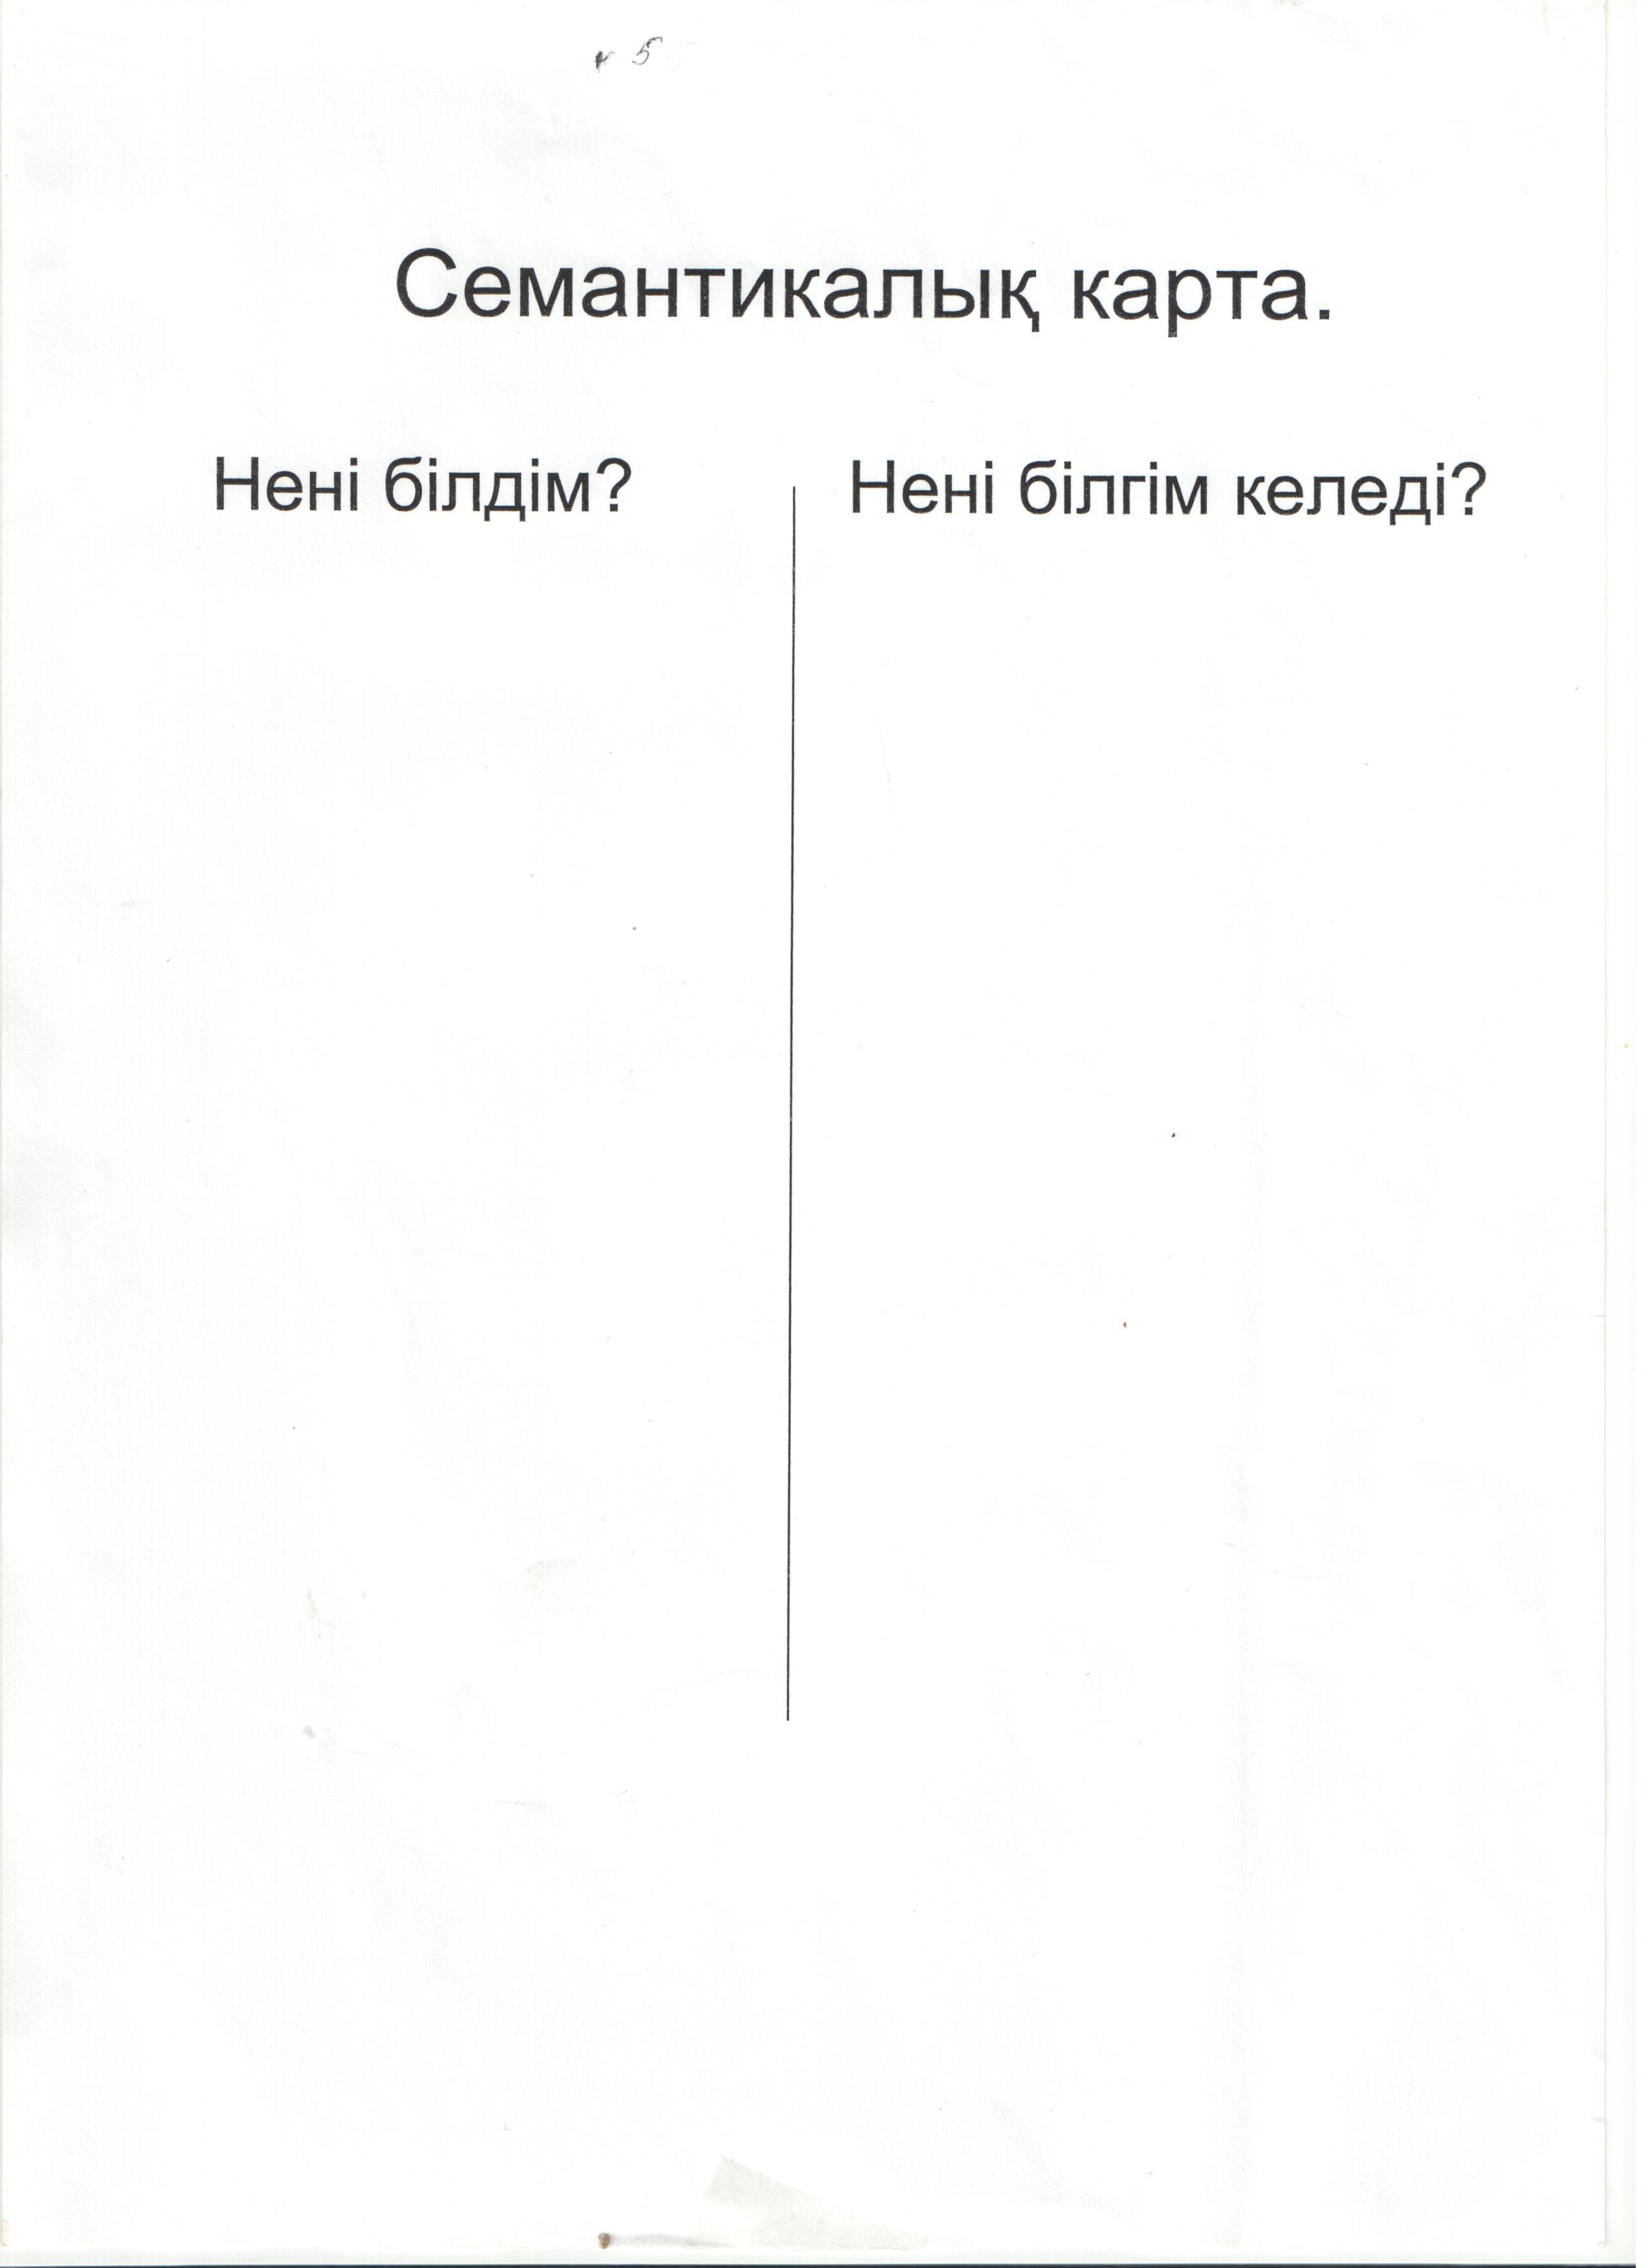 G:\данные\отк уроки\Открытый урок КушкумбаевойГ.Х\ответ.jpeg